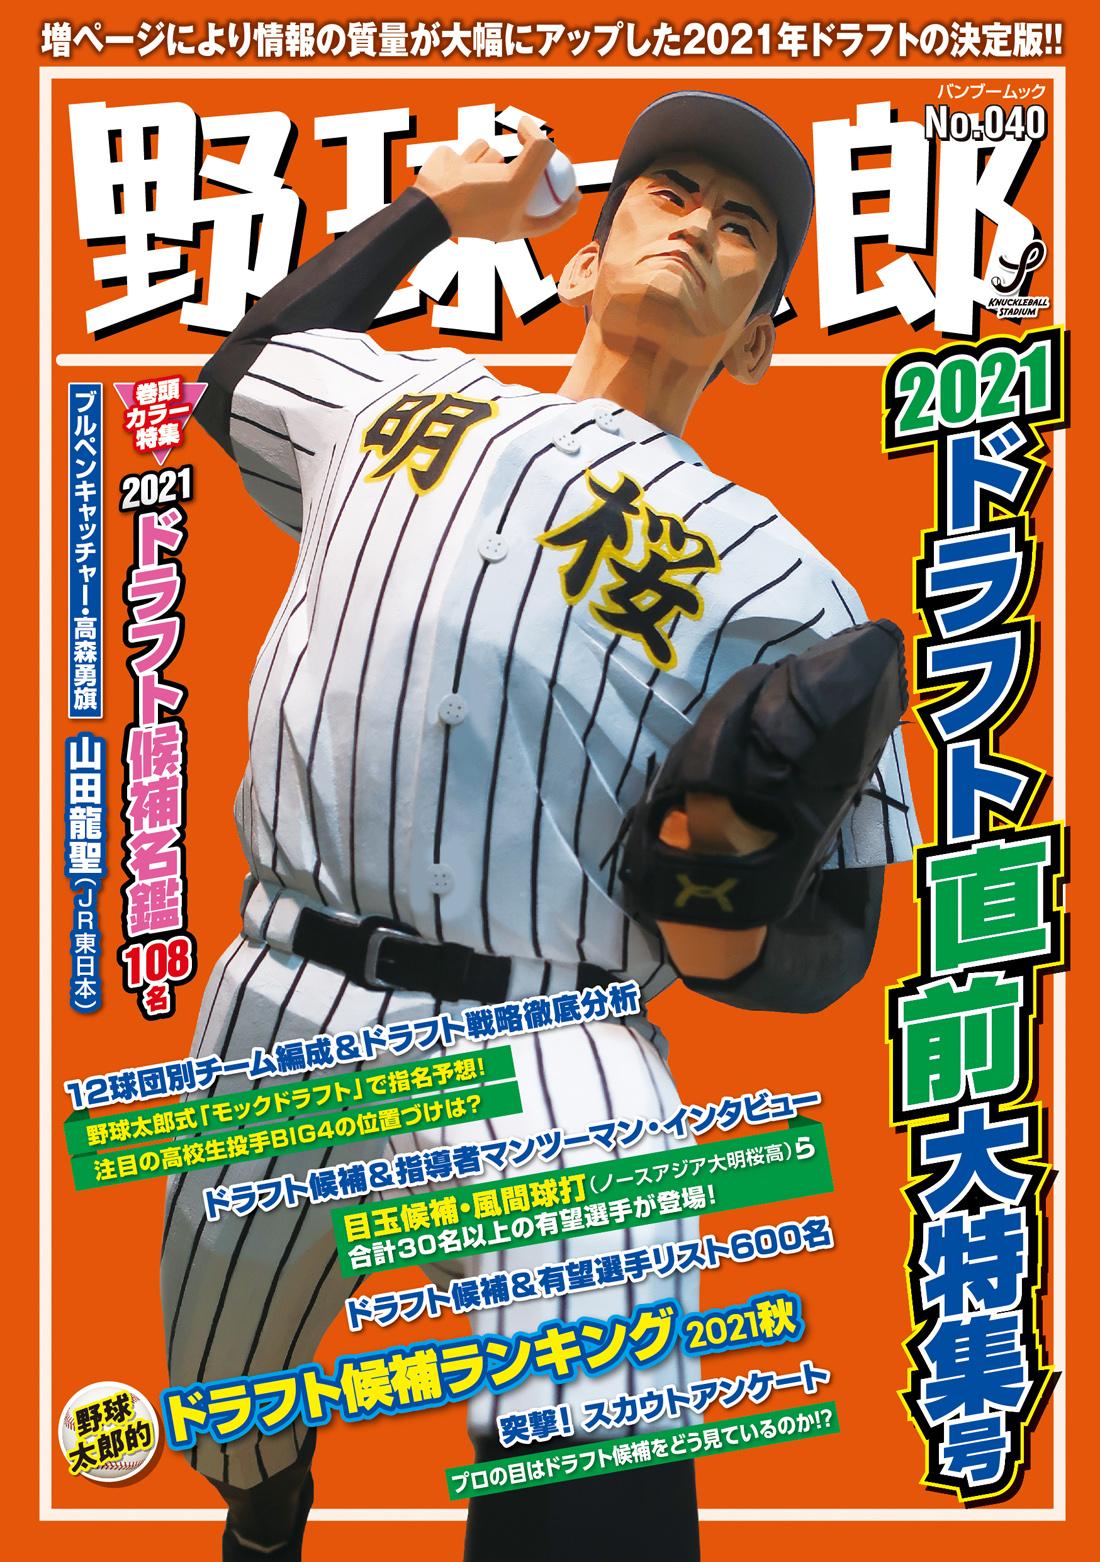 大ボリュームアップした『野球太郎No.040 2021ドラフト直前大特集号』が発売!